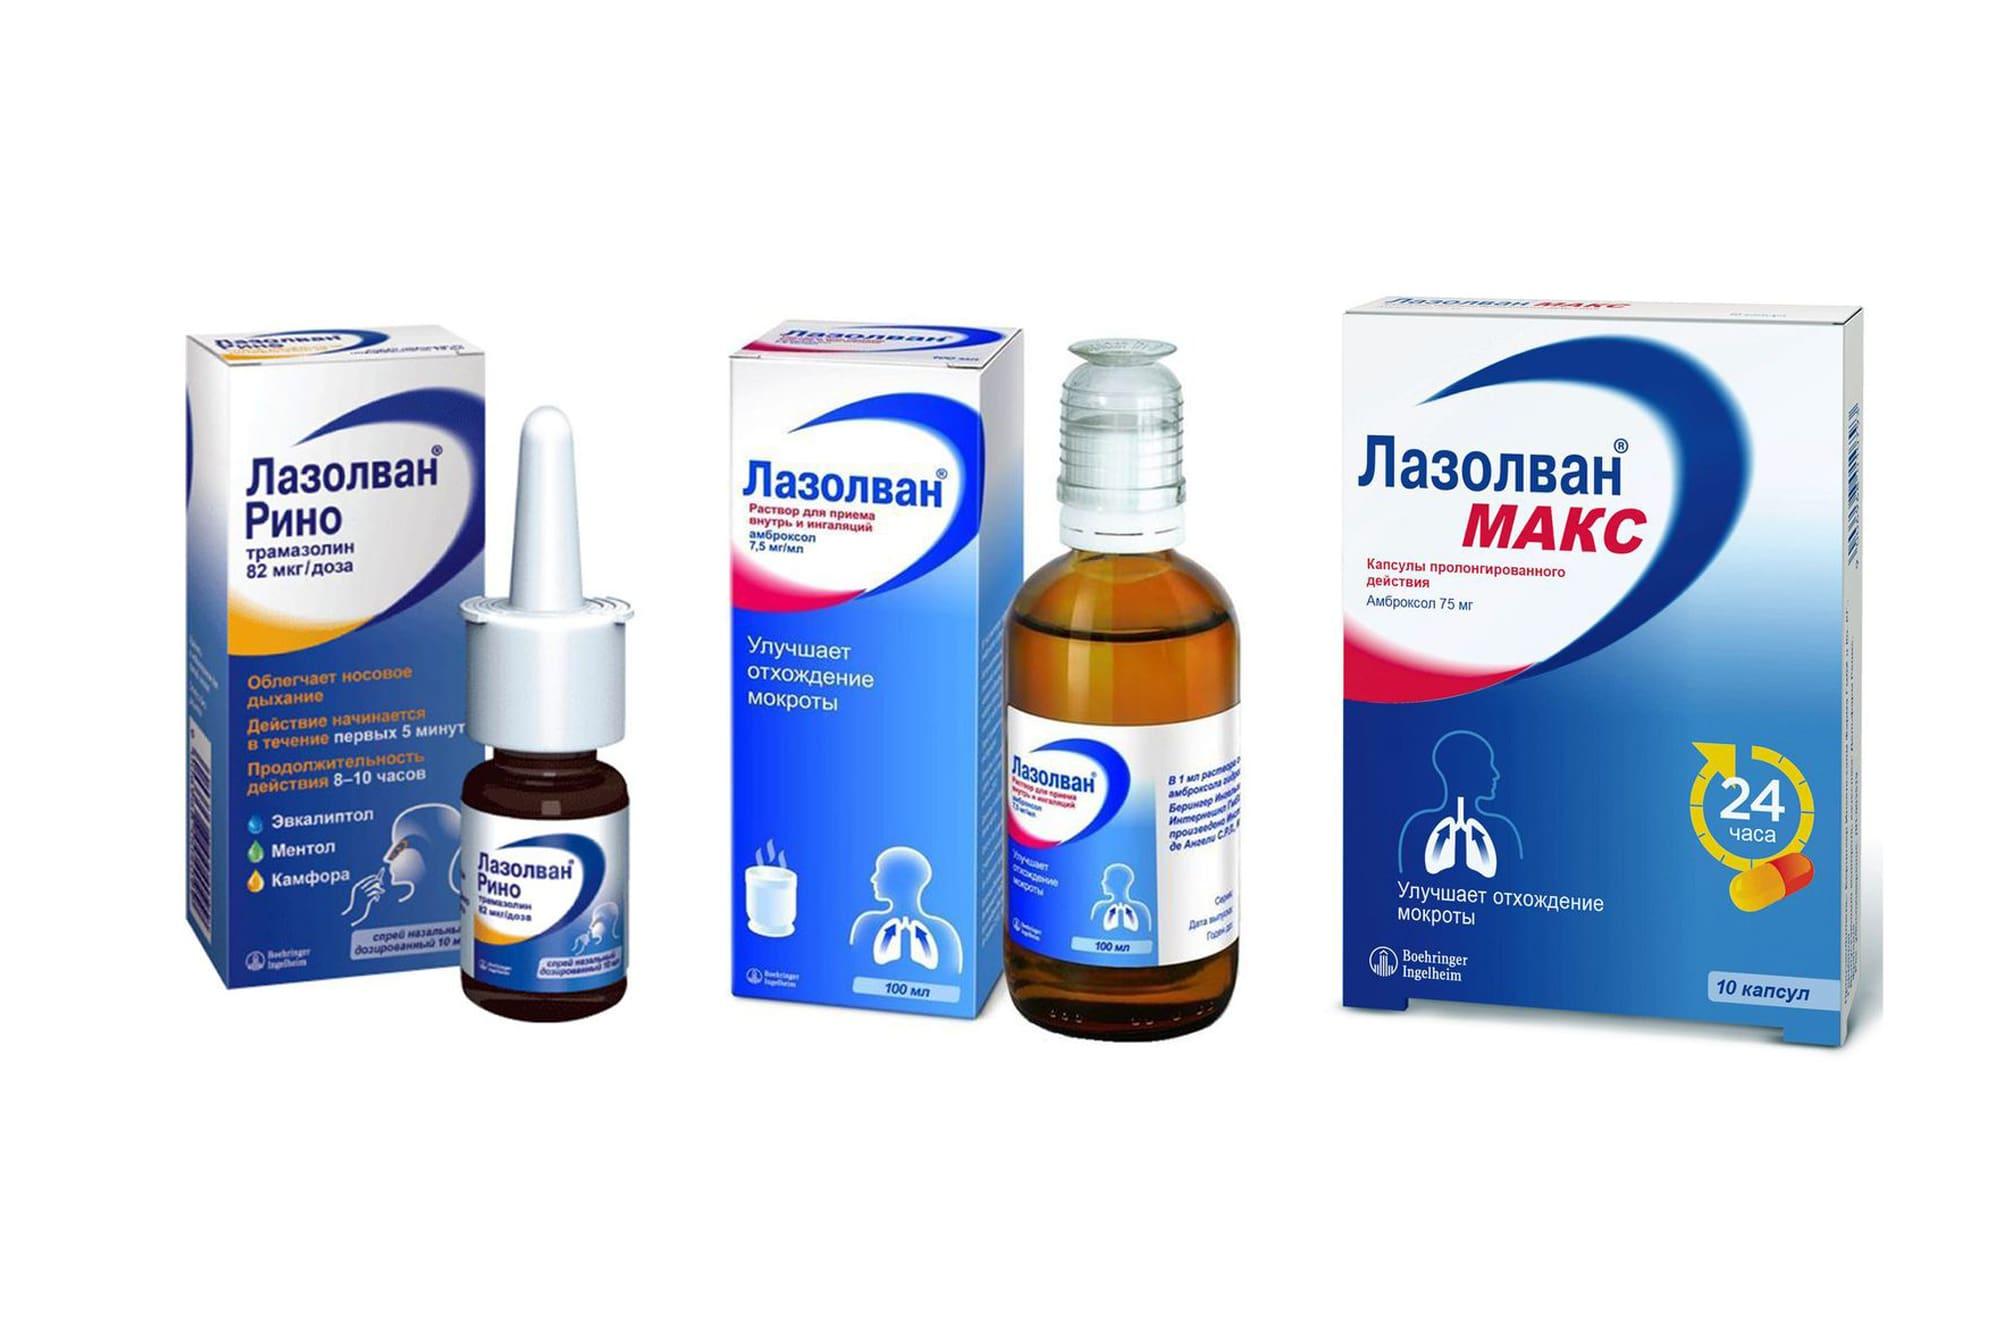 Лечение трахеита с помощью Лазолвана